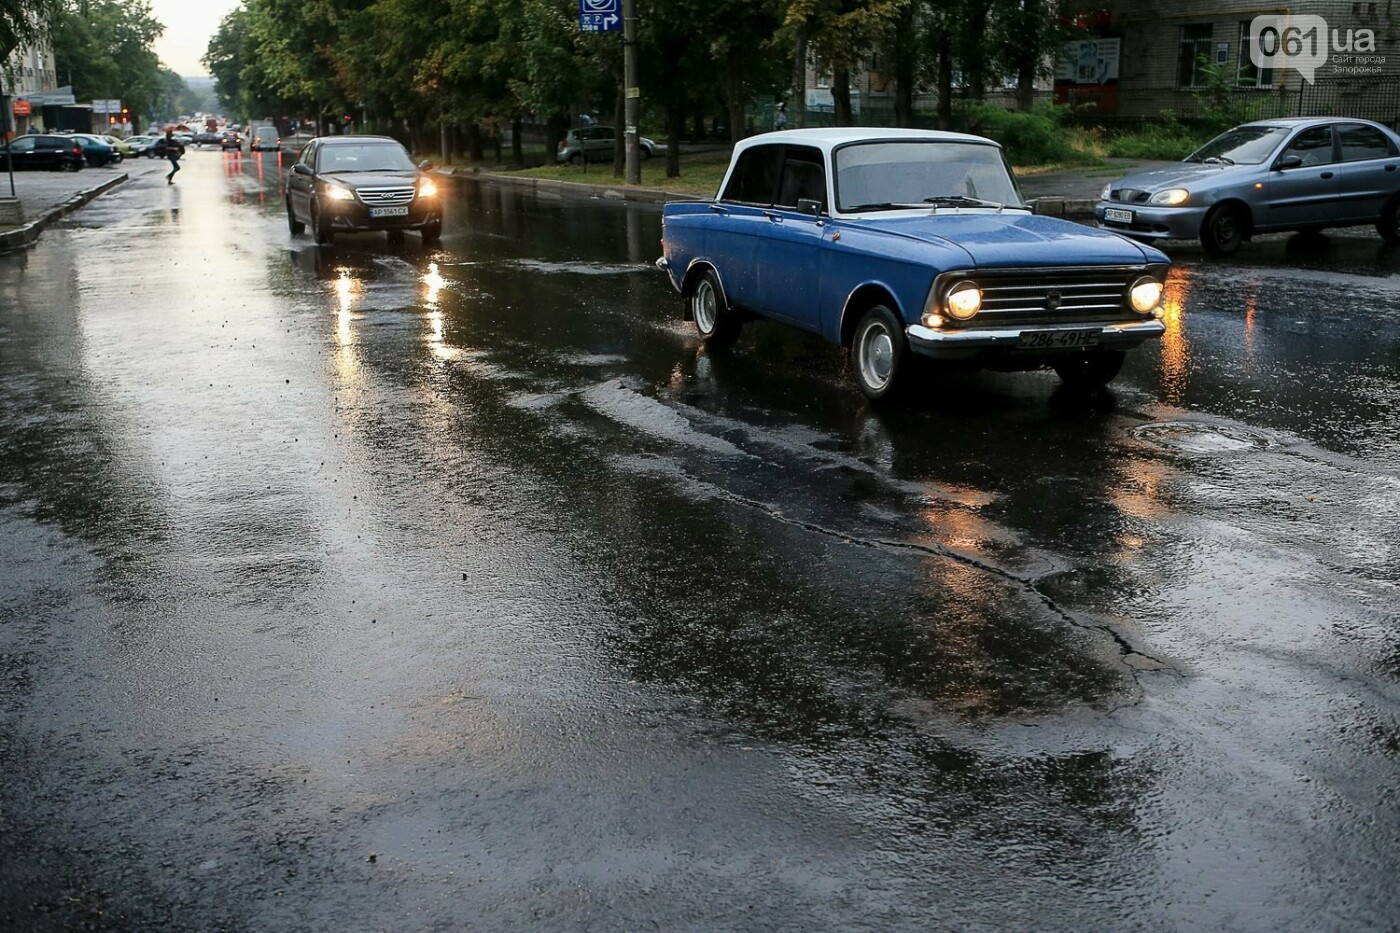 В Запорожье после ливней разрушены дороги: почему это произошло и за чей счет отремонтируют, - ФОТОРЕПОРТАЖ, фото-4